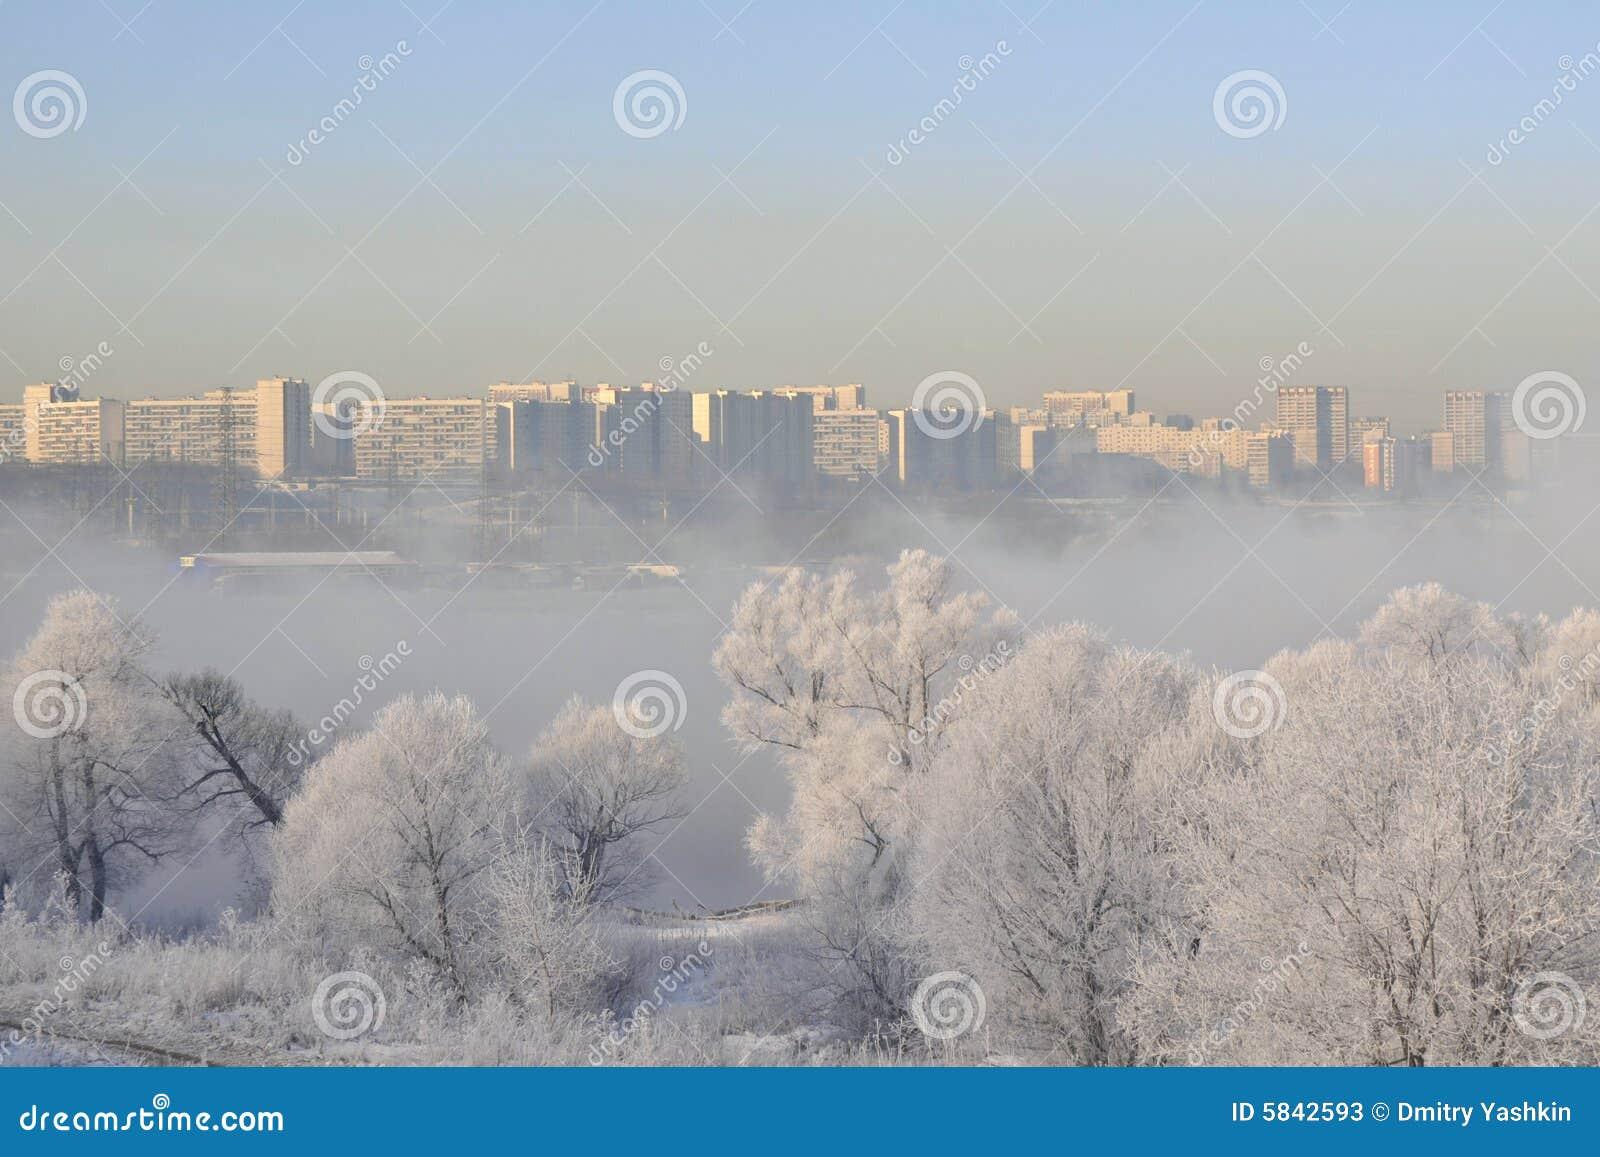 Winter landscape in City